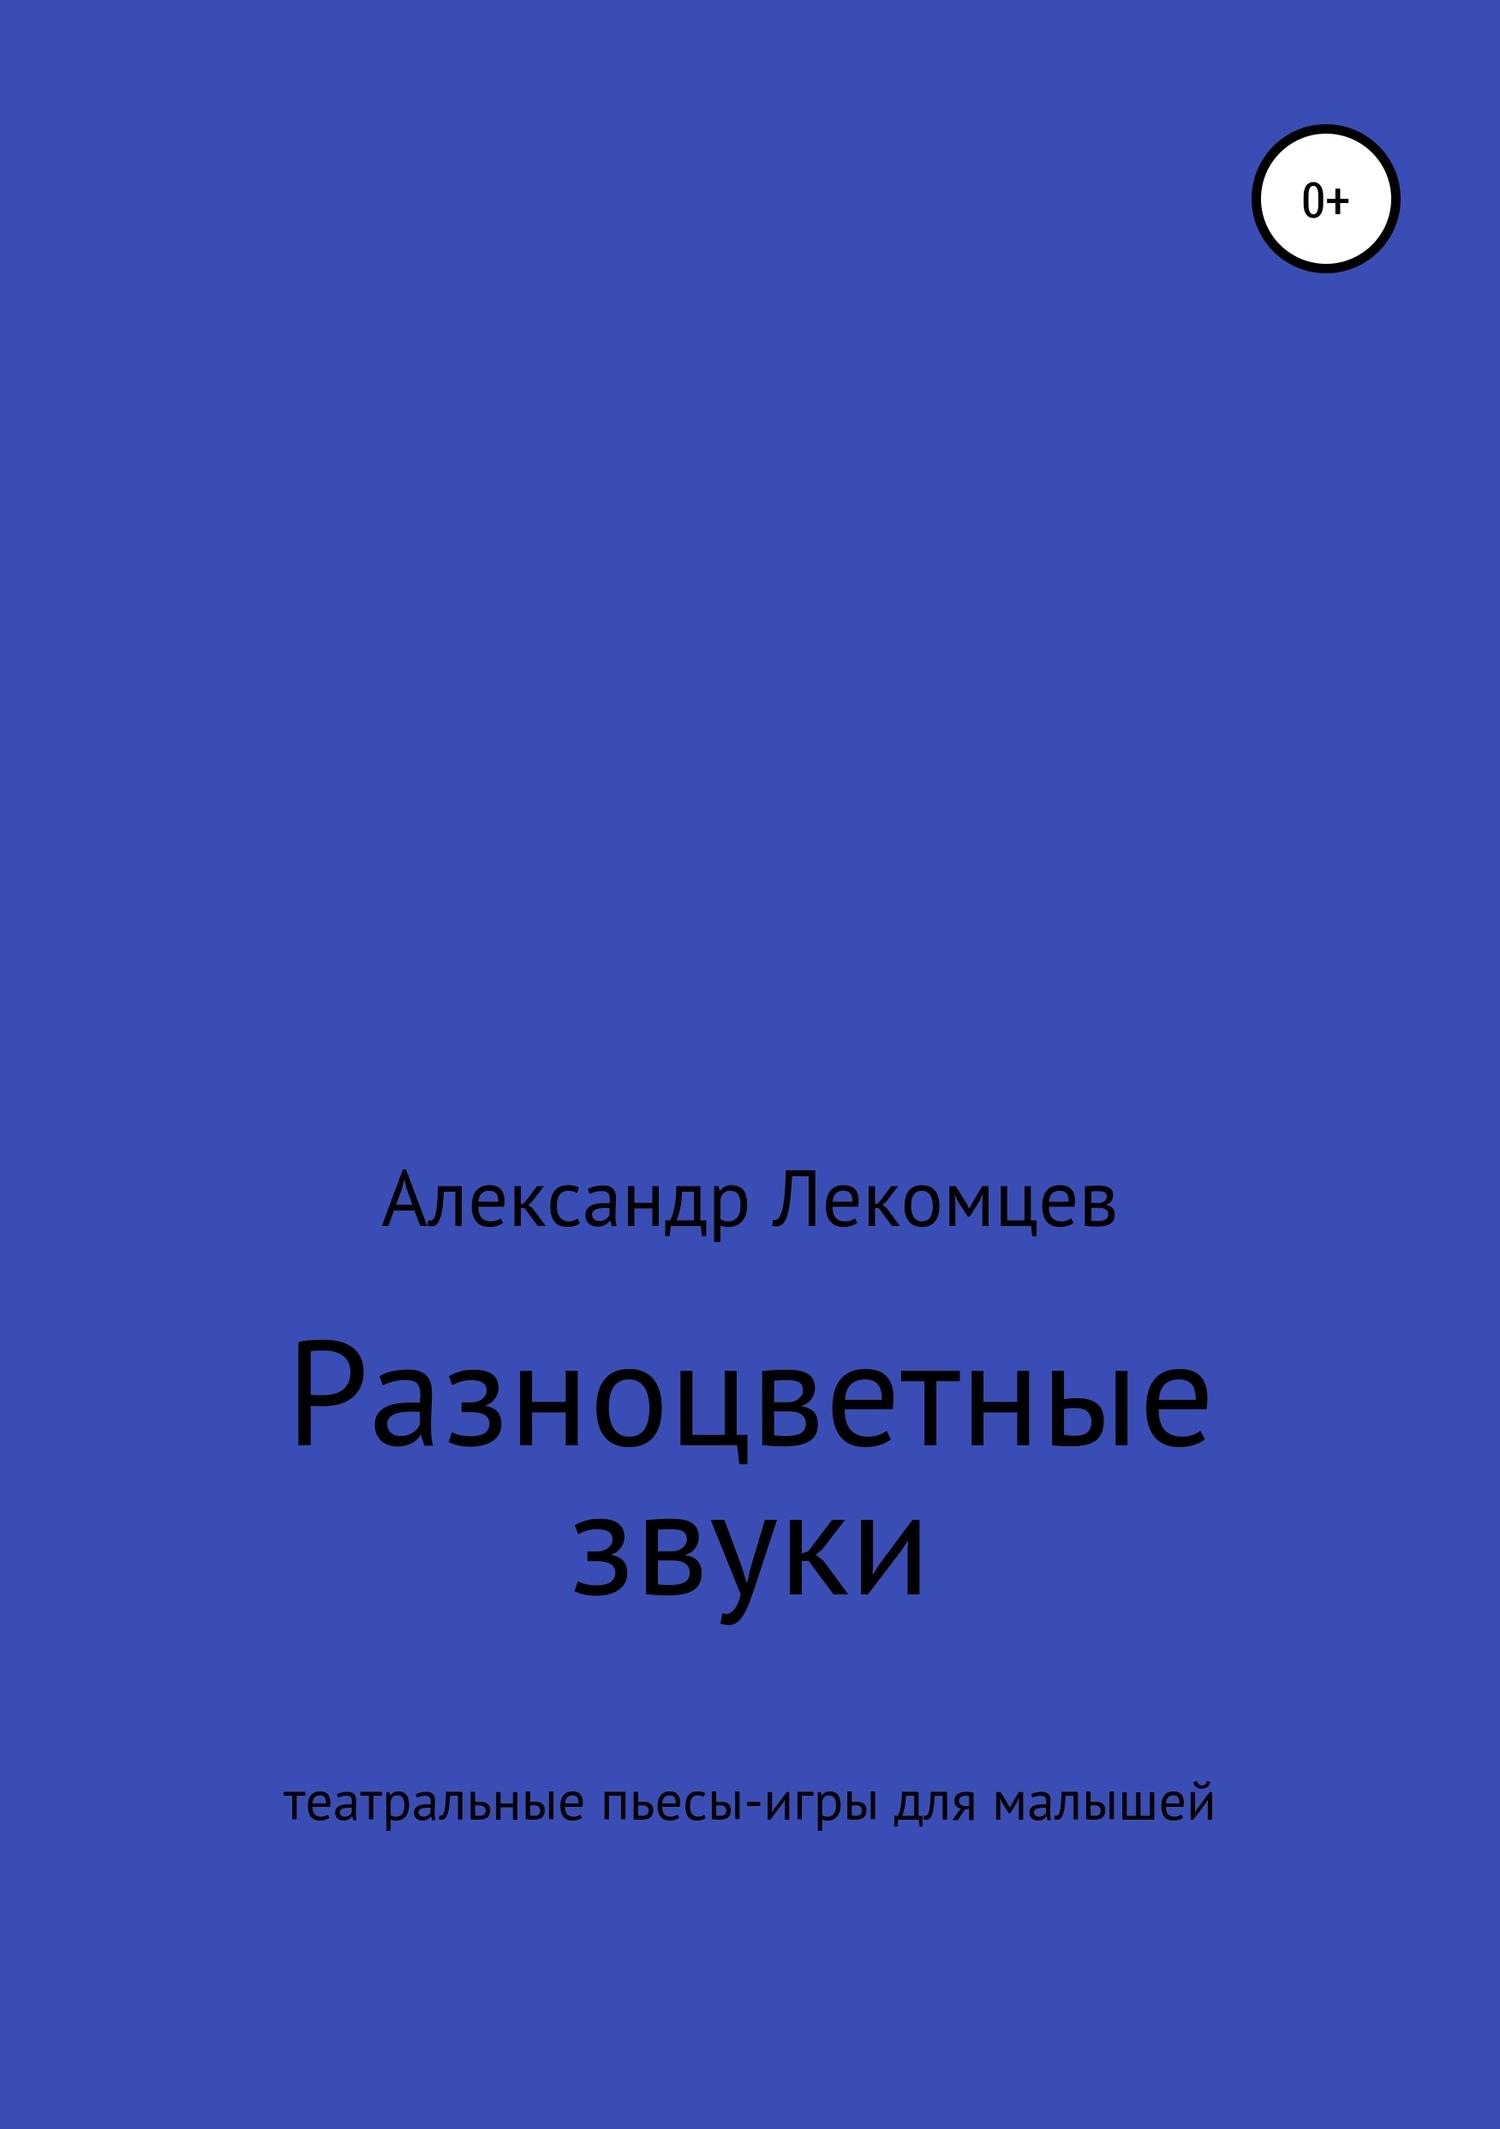 Александр Лекомцев - Разноцветные звуки